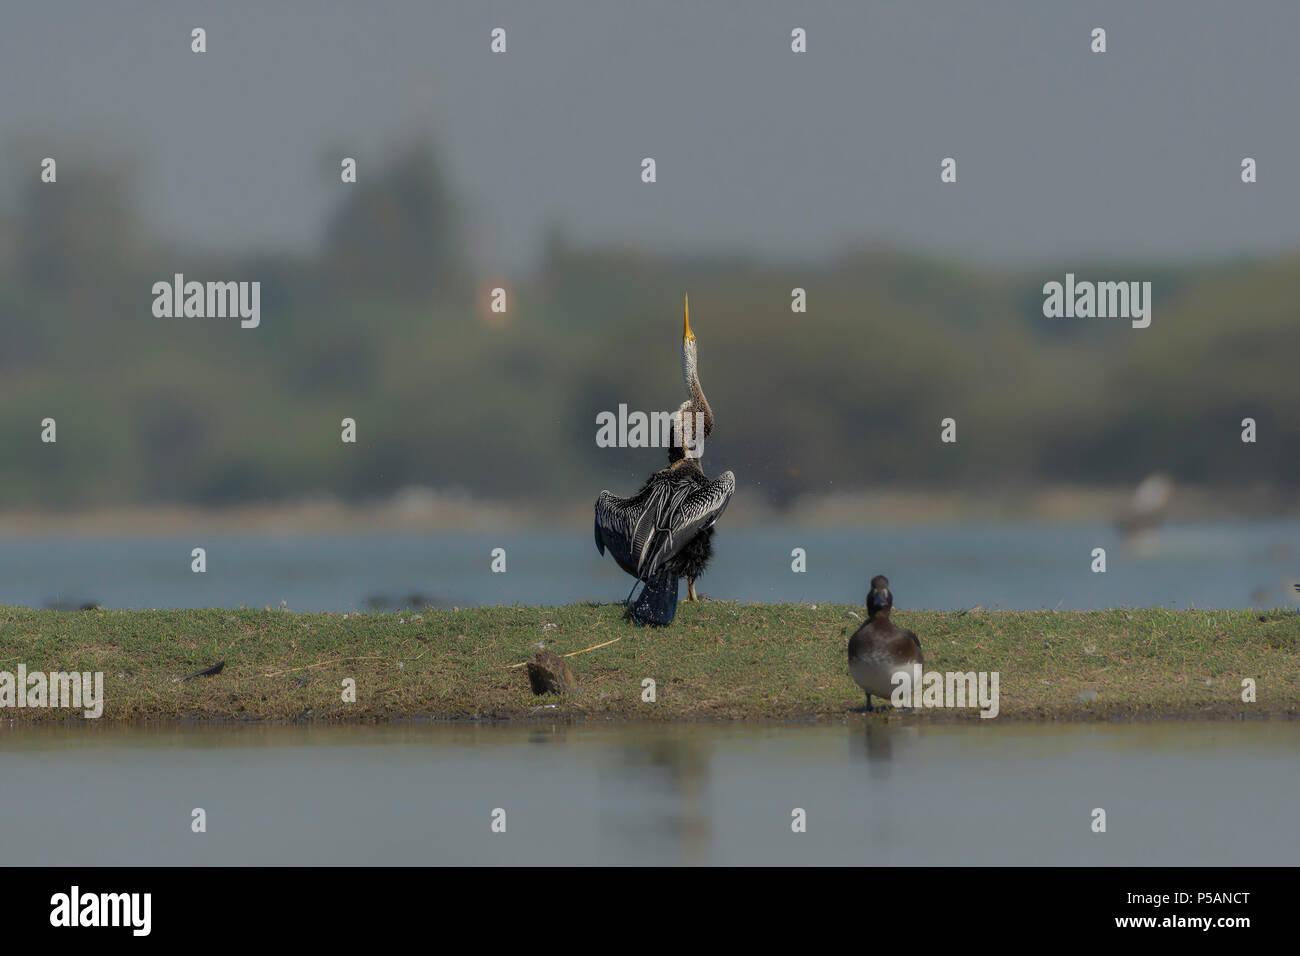 Darter (Anhinga) or Snake Bird shaking its wings. - Stock Image